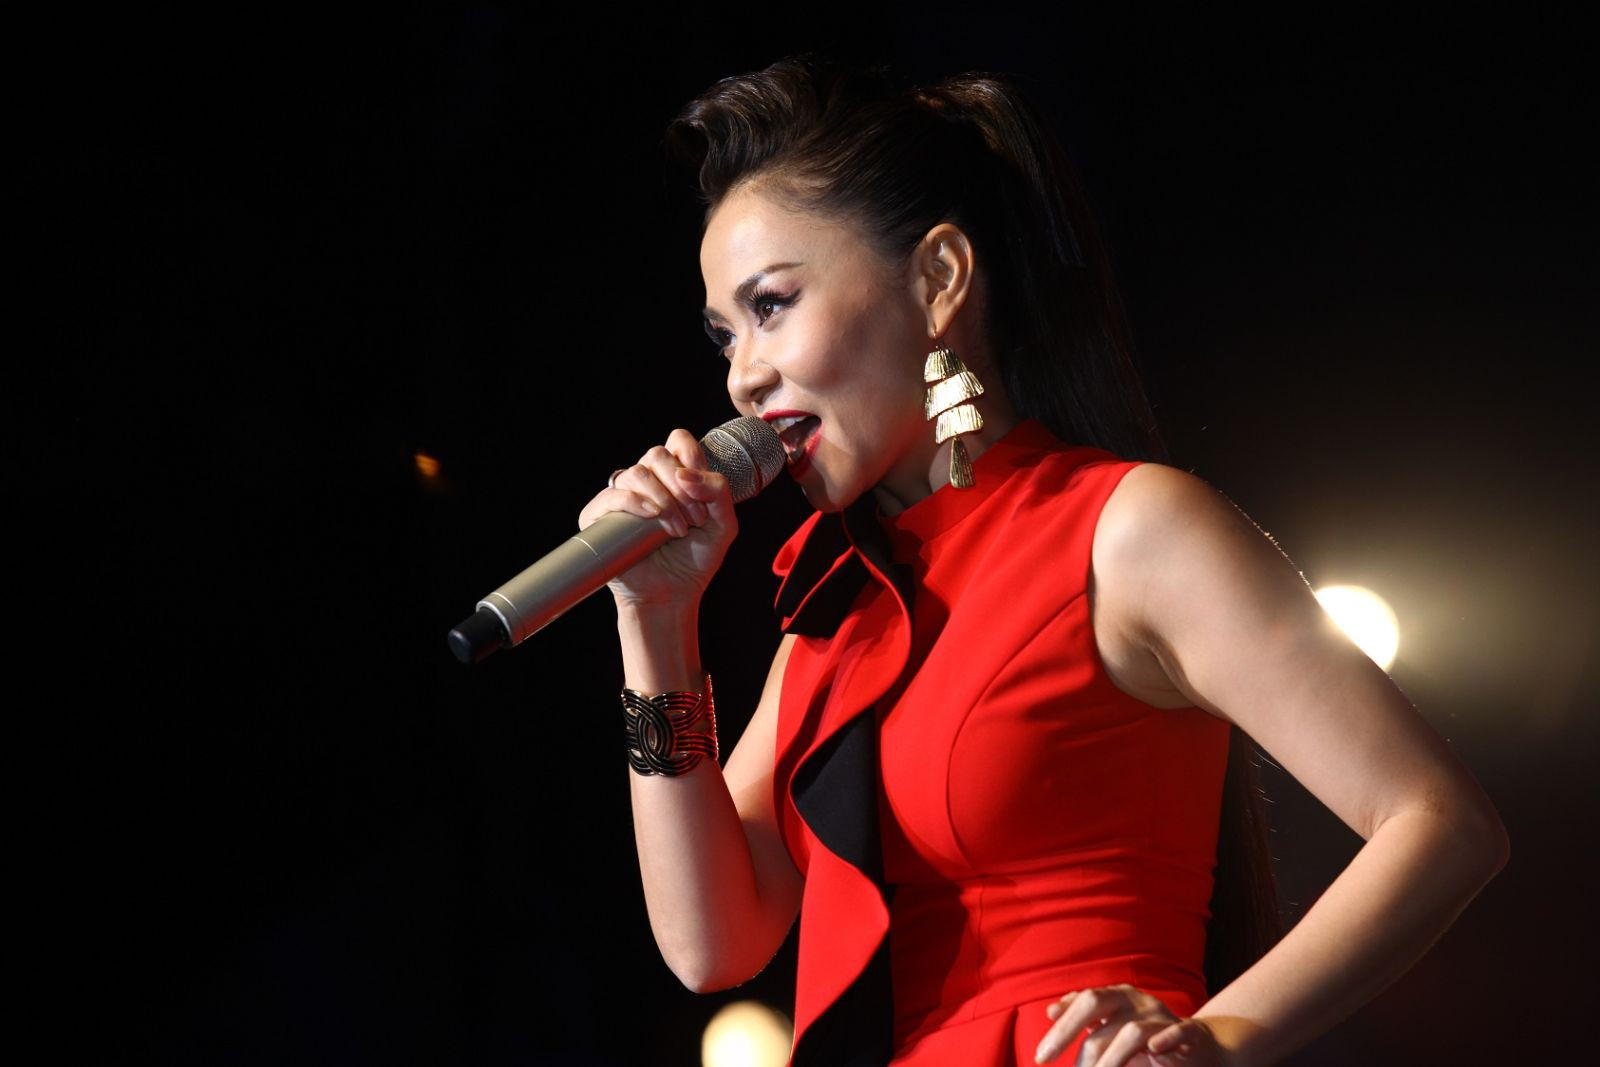 Thu Minh gây tranh cãi ồn ào với danh xưng Diva, đây là cách Mỹ Linh nói về tên gọi này  - Ảnh 2.